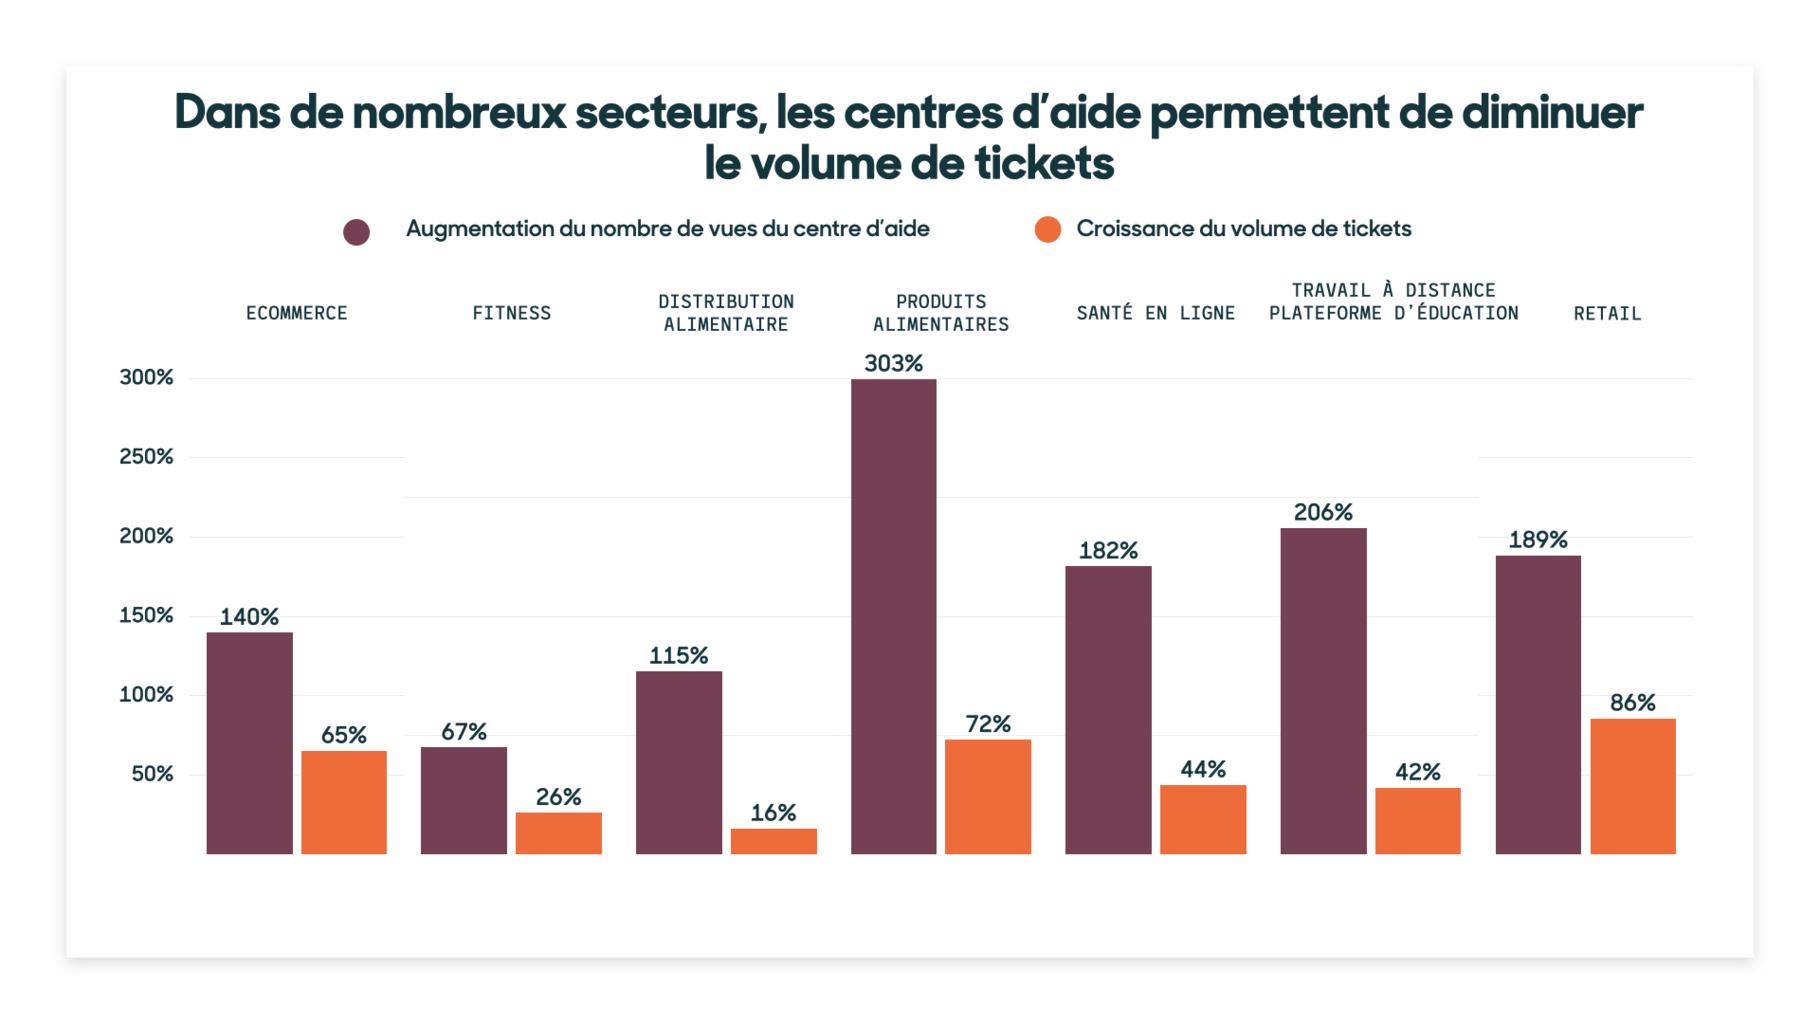 réduction du nombre de tickets grâce aux centres d'aide